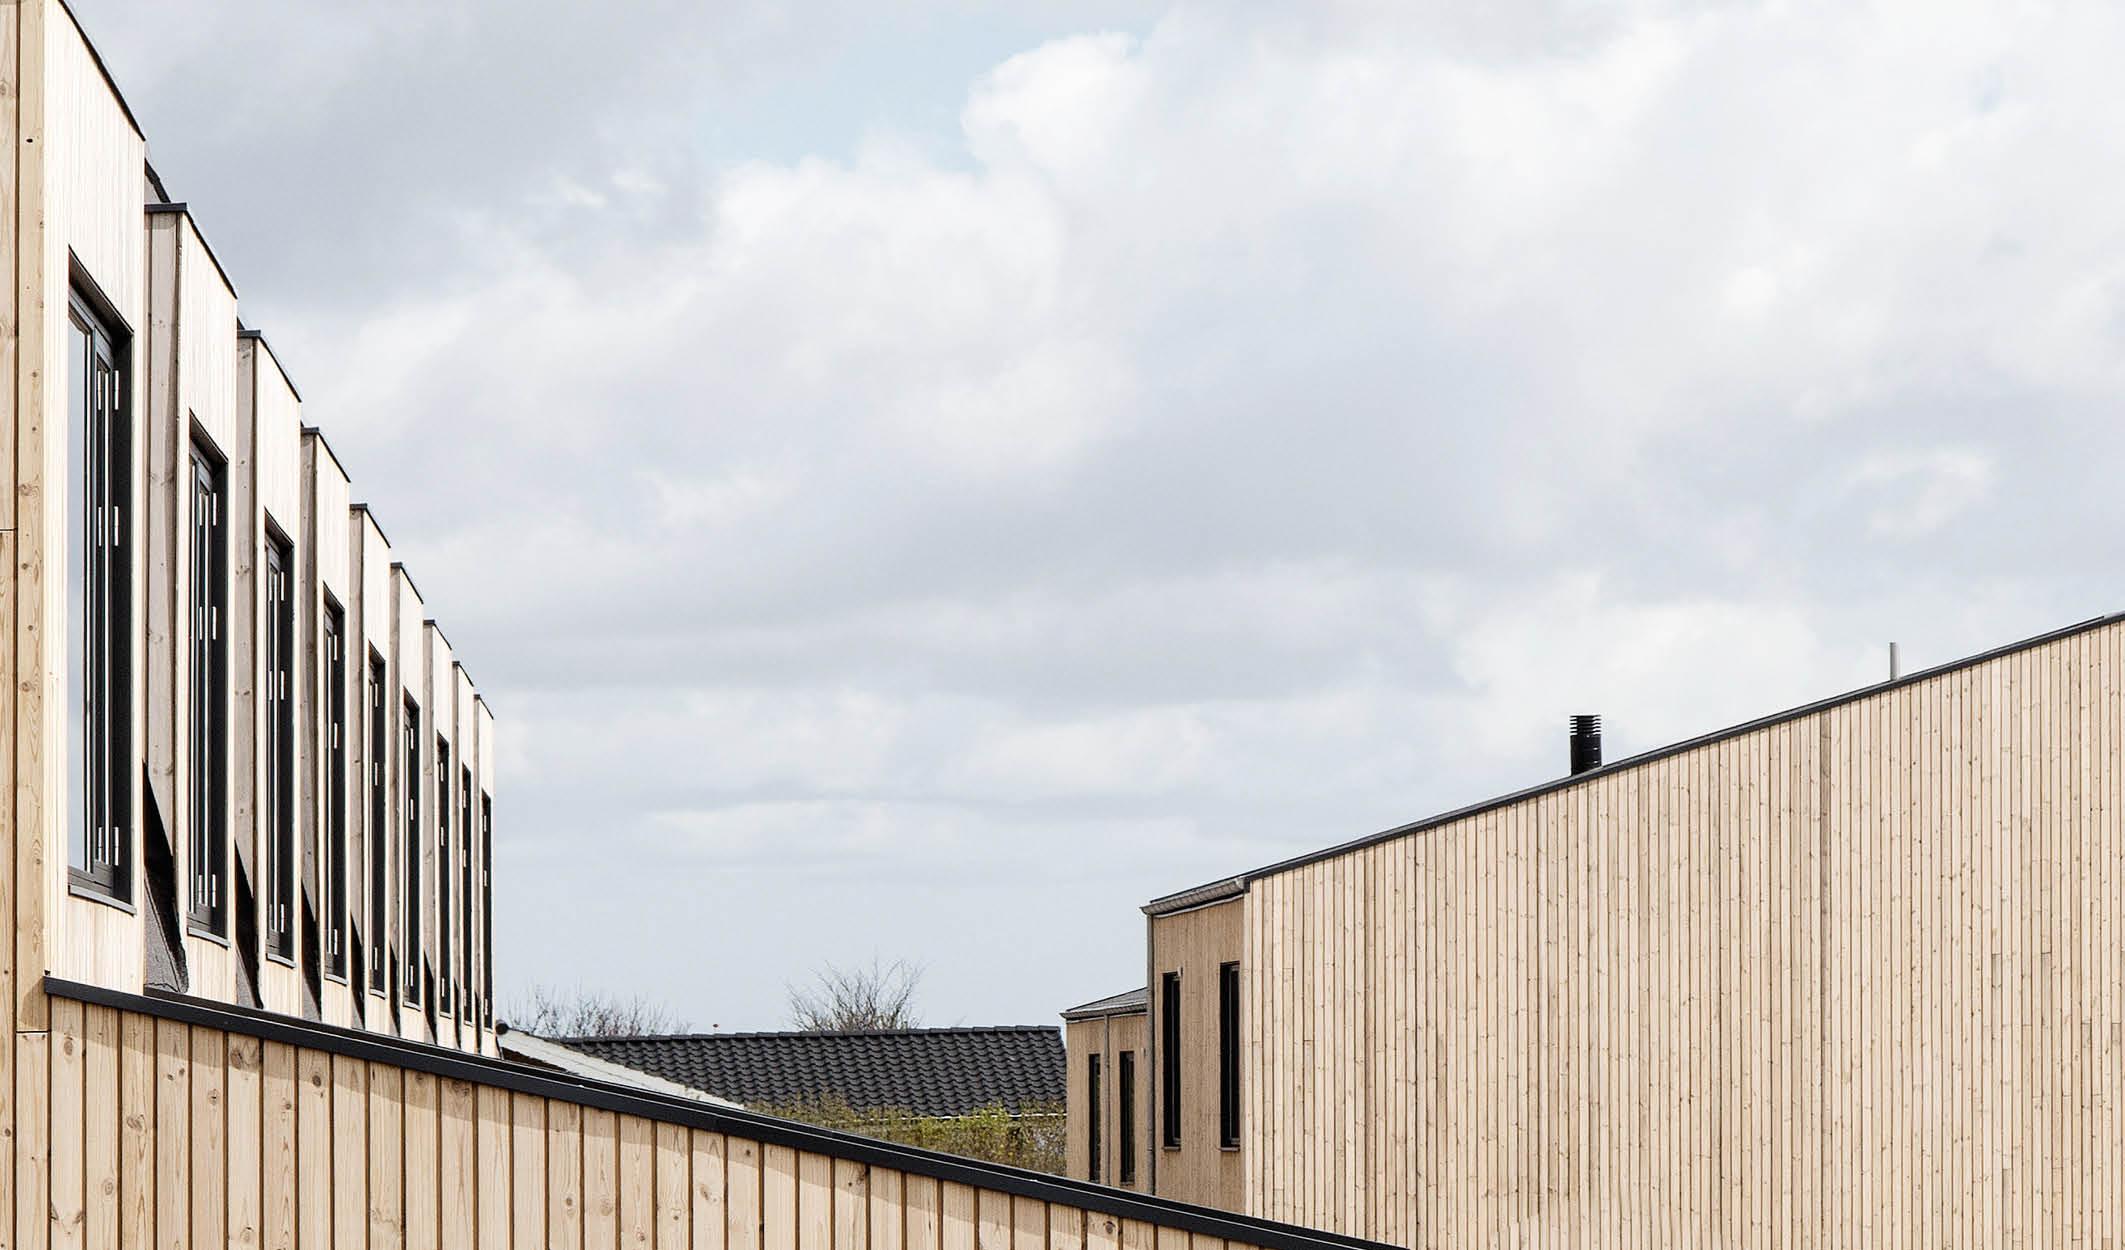 Arkitekturguide Aarhus